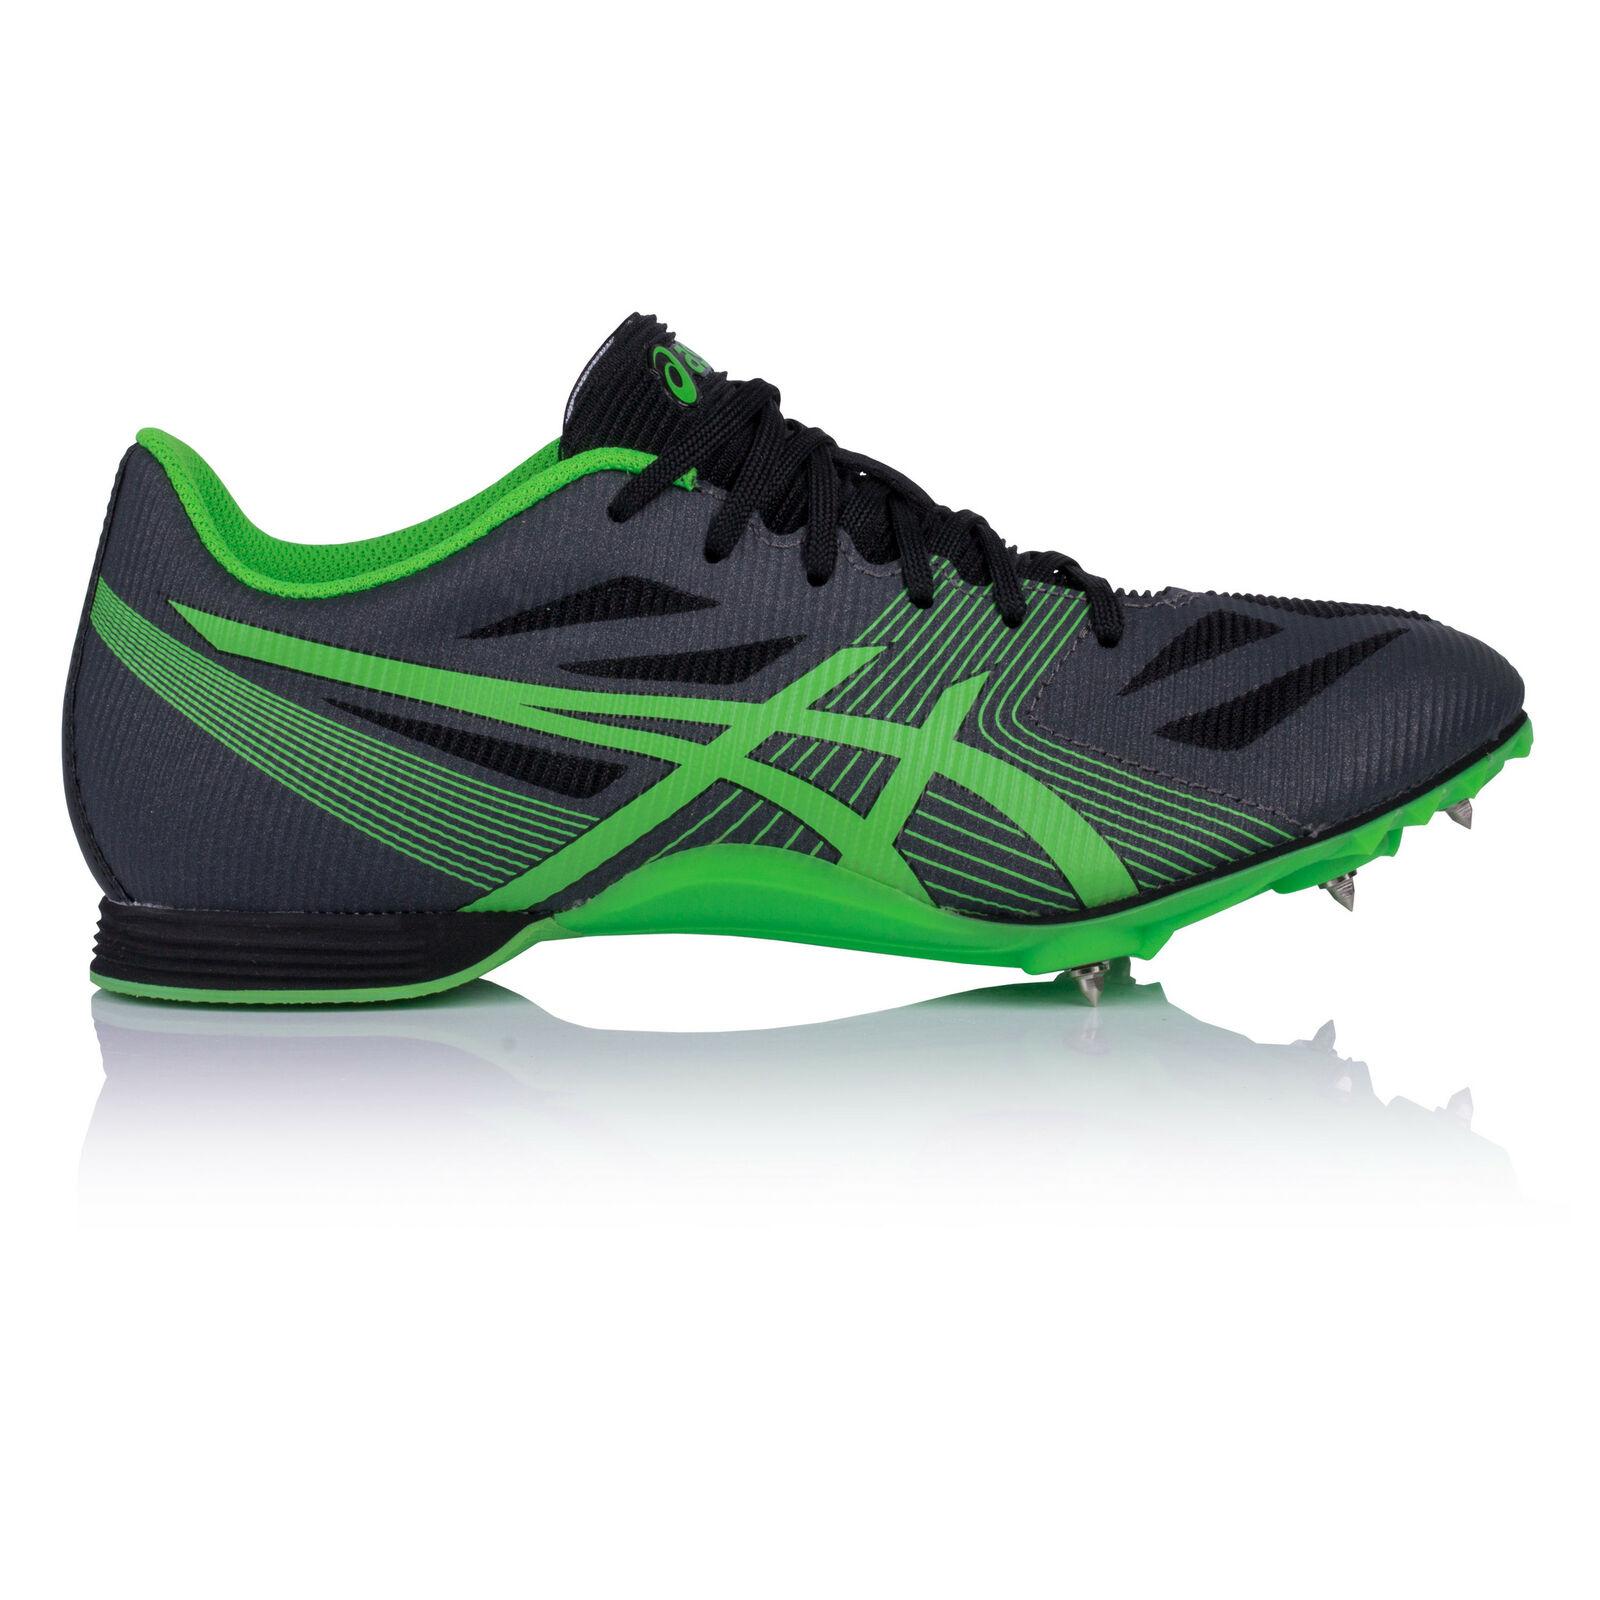 Asics Hyper Md 6 Unisex verde  Negro Correr Deporte Ligeros Zapatillas Con Clavos  la mejor selección de